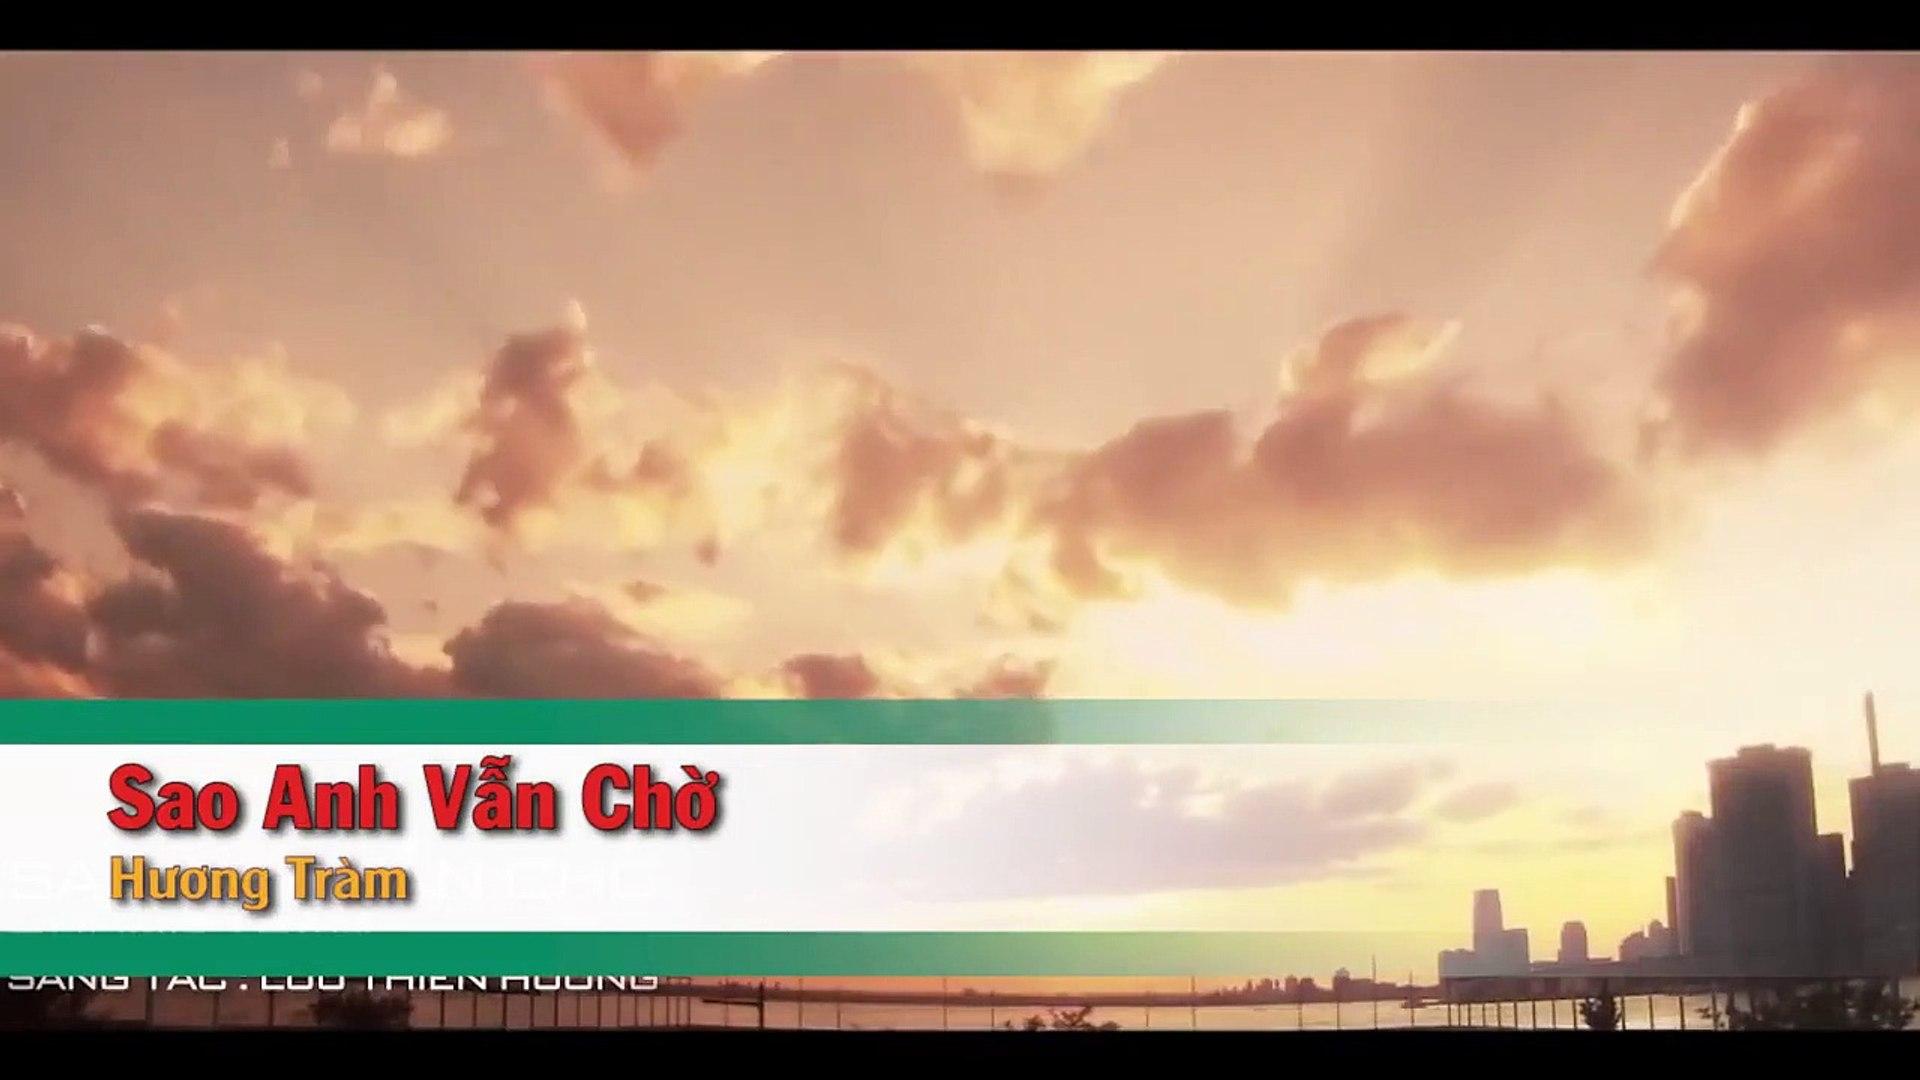 [Karaoke] Sao Anh Vẫn Chờ - Hương Tràm [Beat]